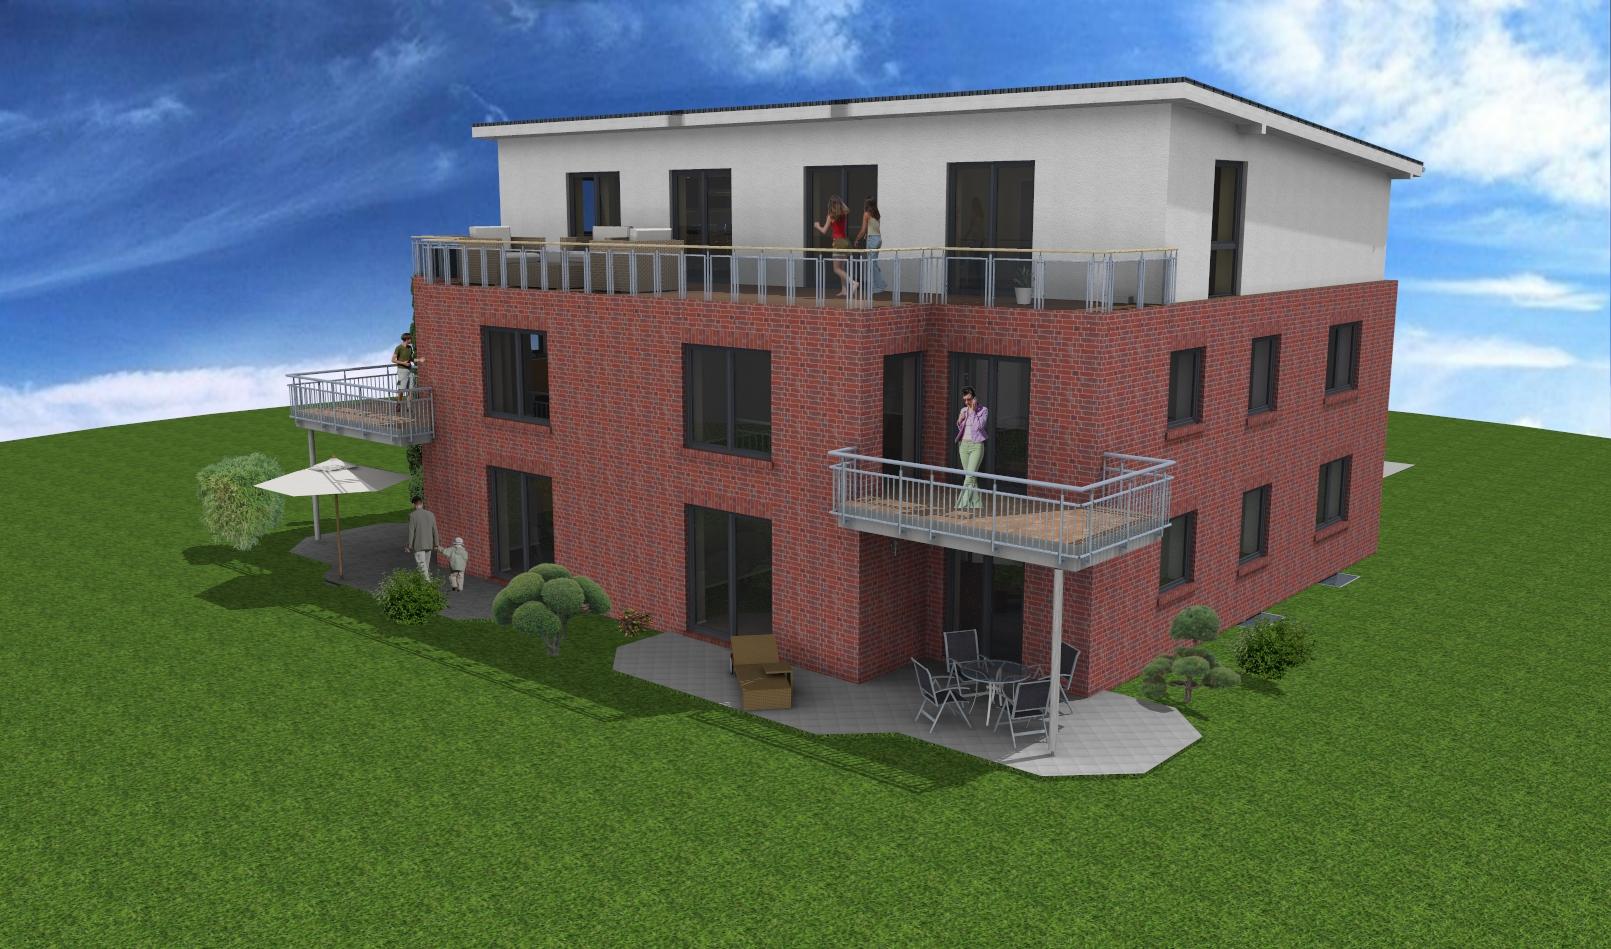 Unser neues Bauvorhaben: Heidenau, Planstr. 11